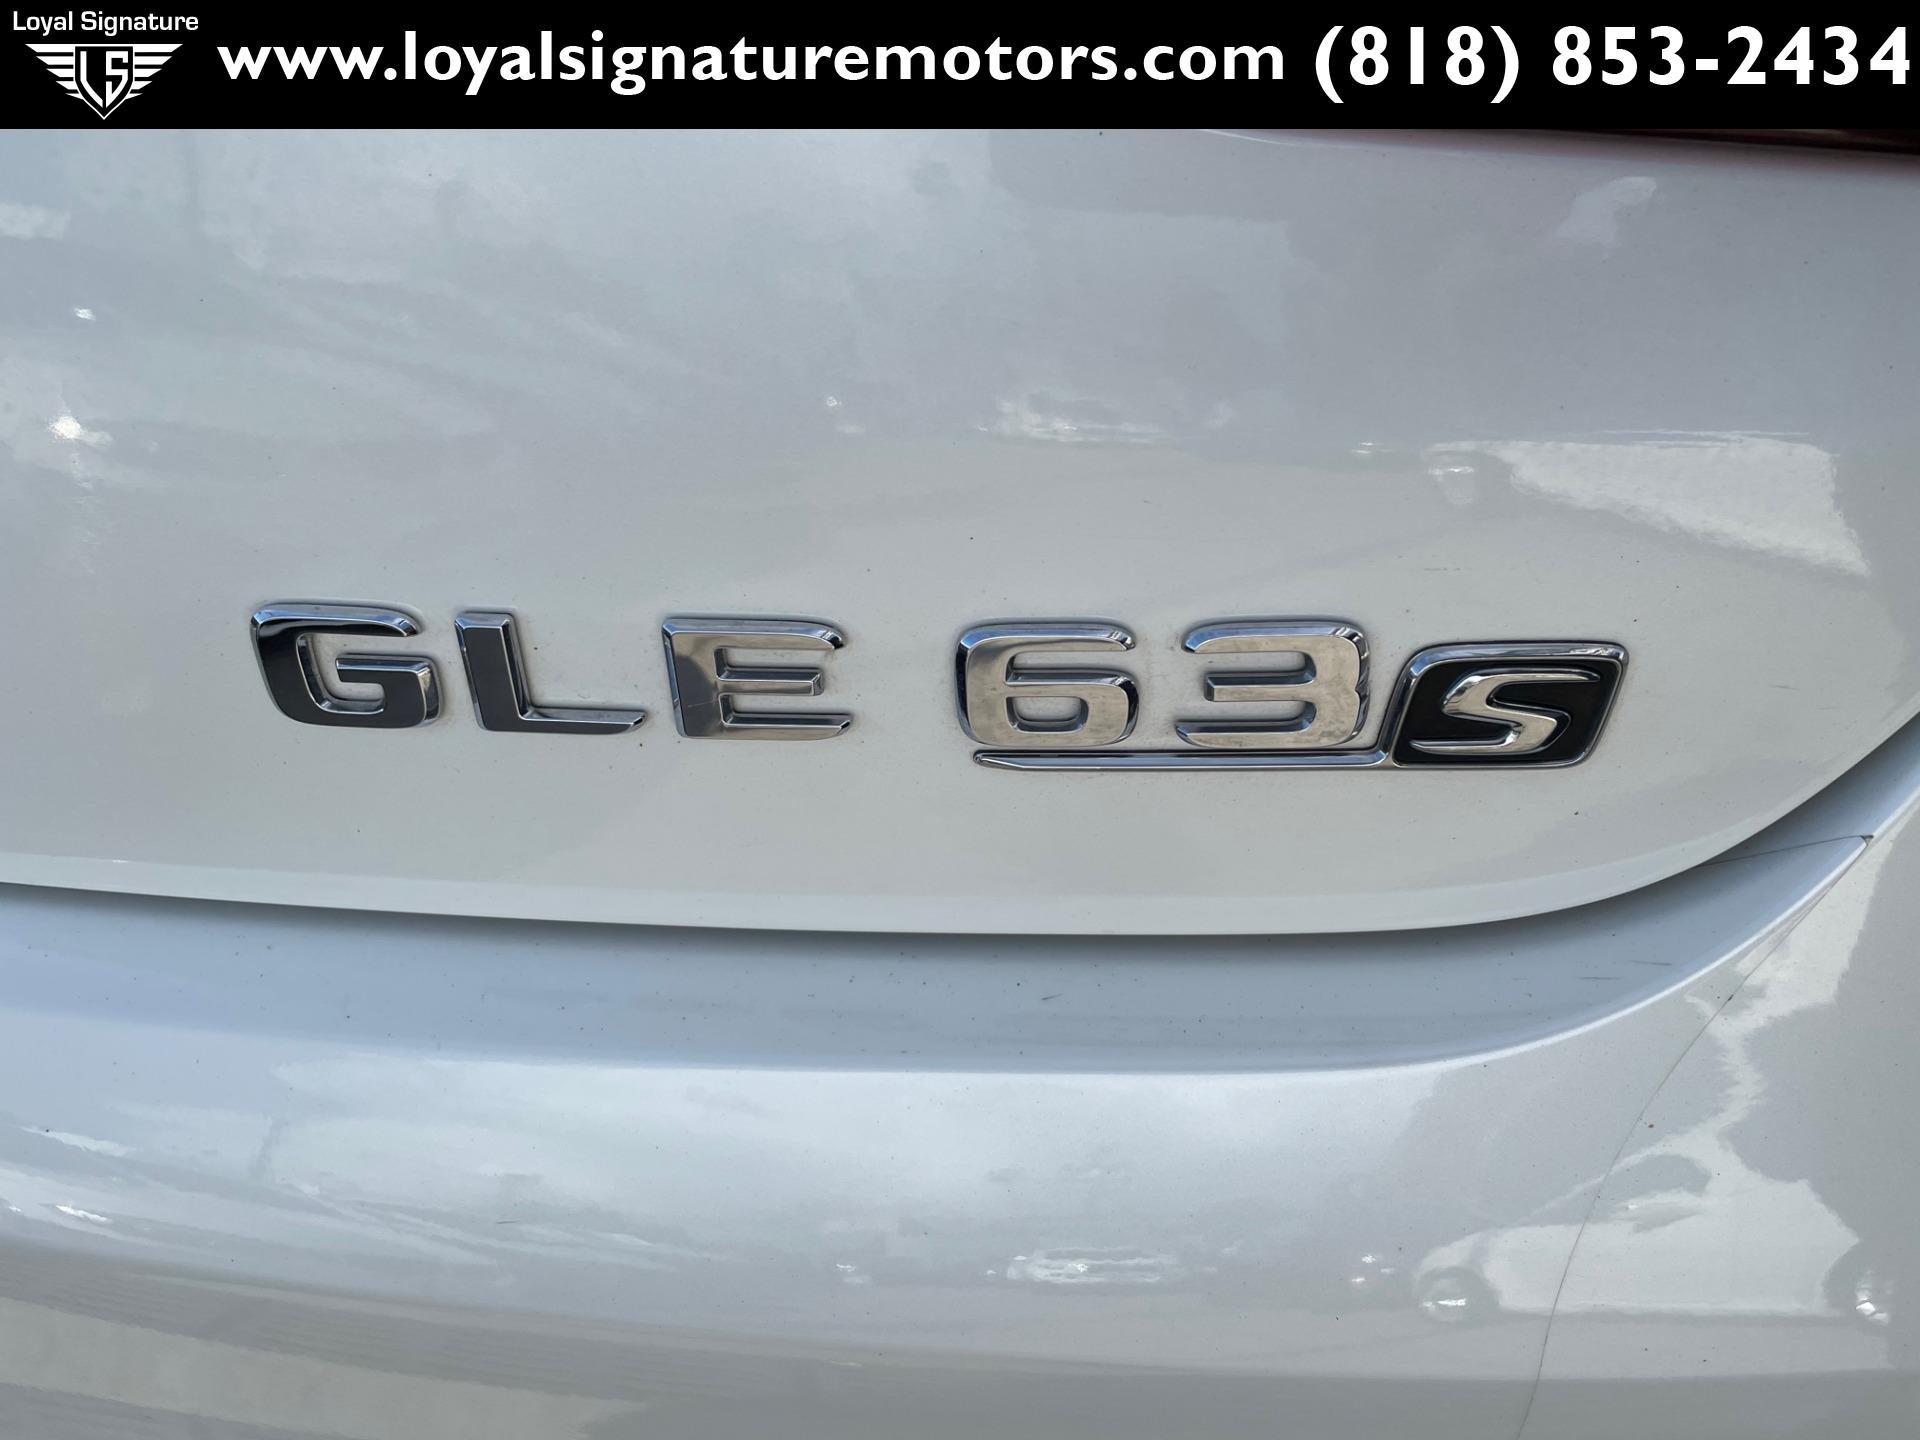 Used-2017-Mercedes-Benz-GLE-AMG-GLE-63-S